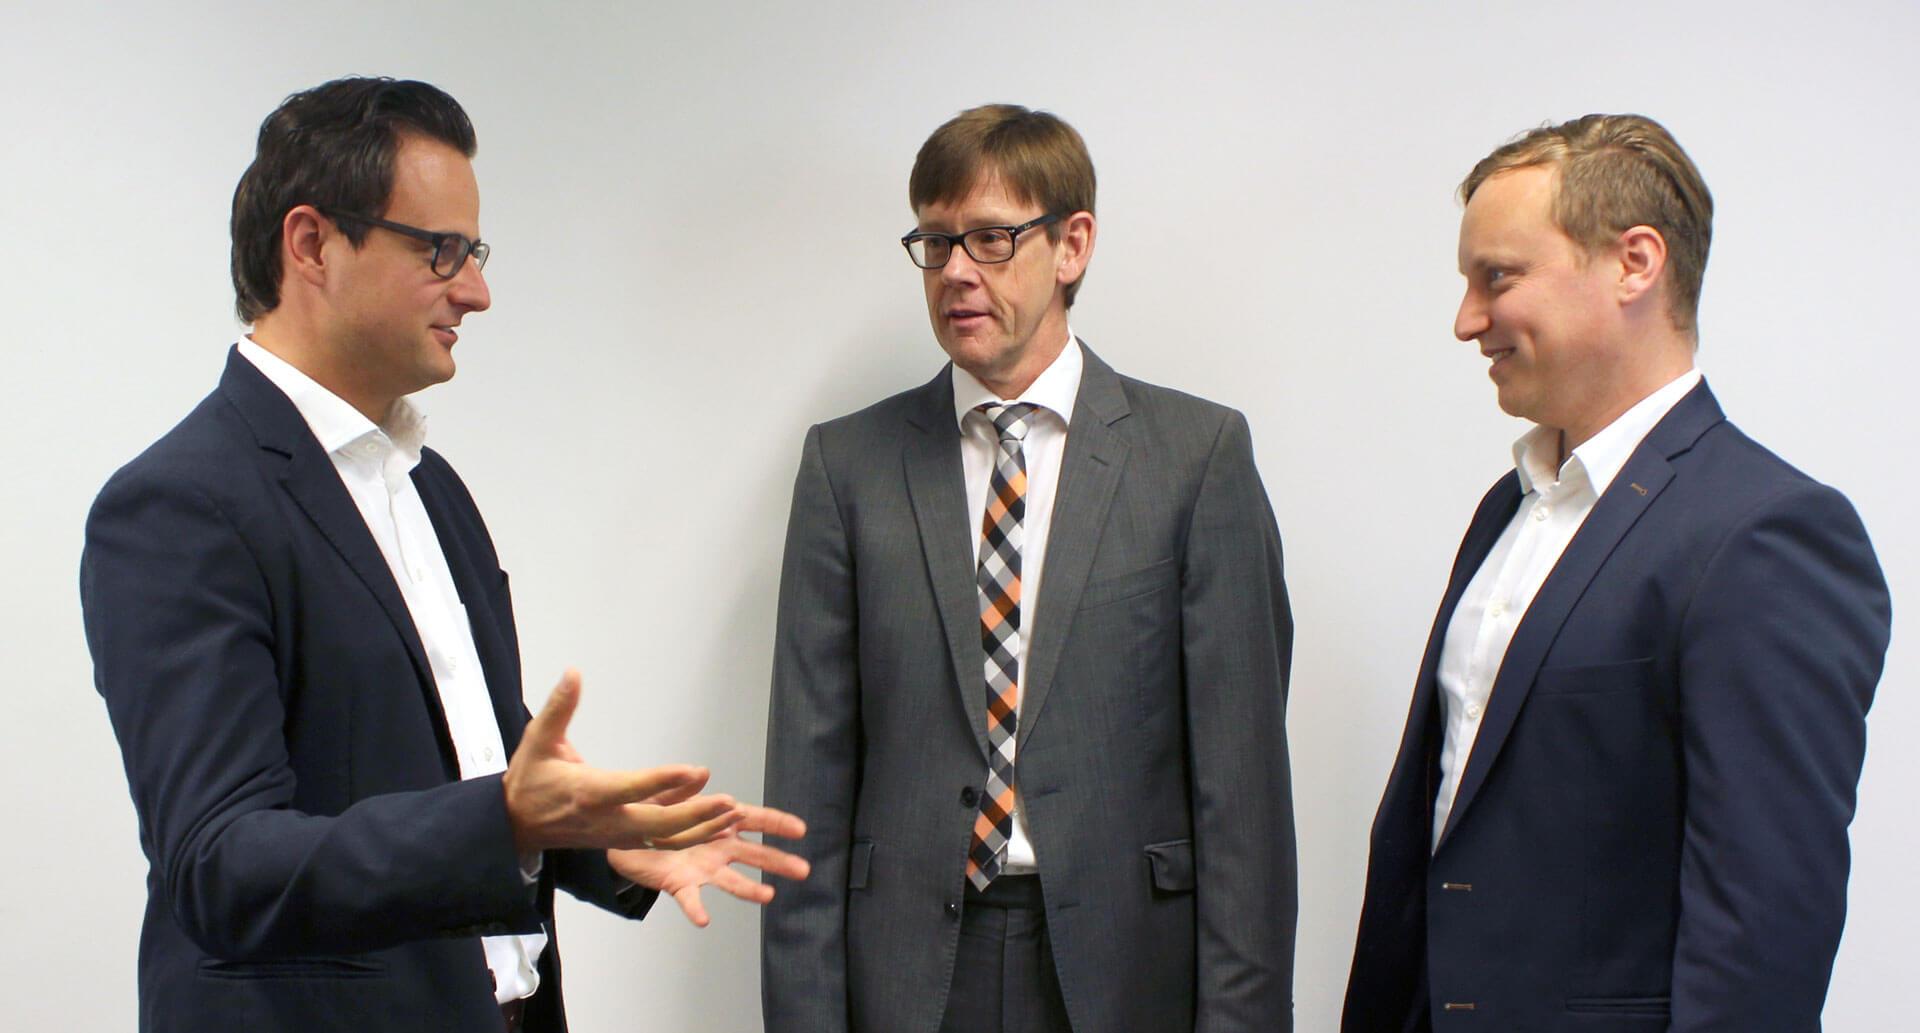 drei Personen führen ein Gespräch